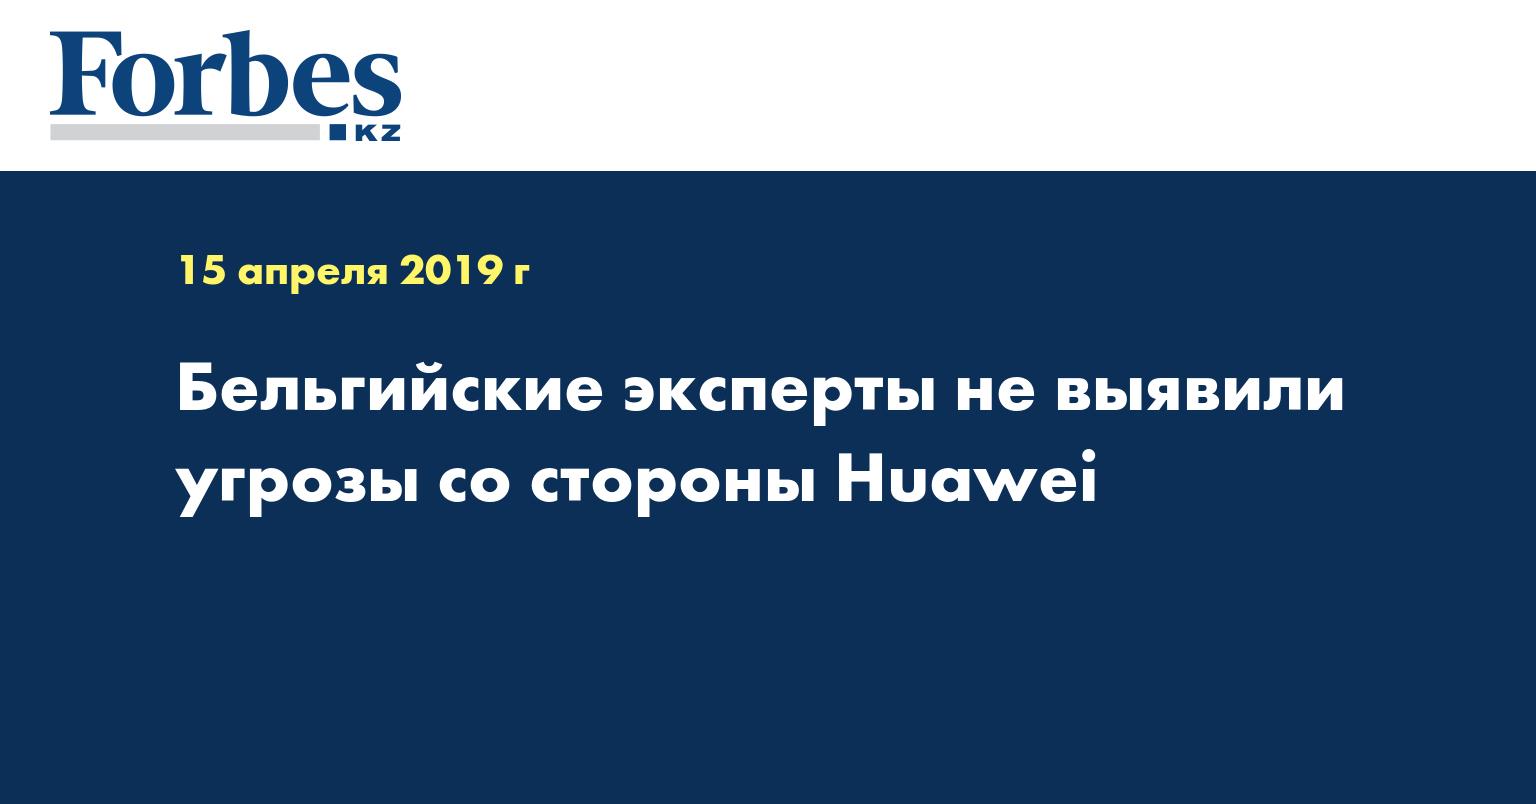 Бельгийские эксперты не выявили угрозы со стороны Huawei